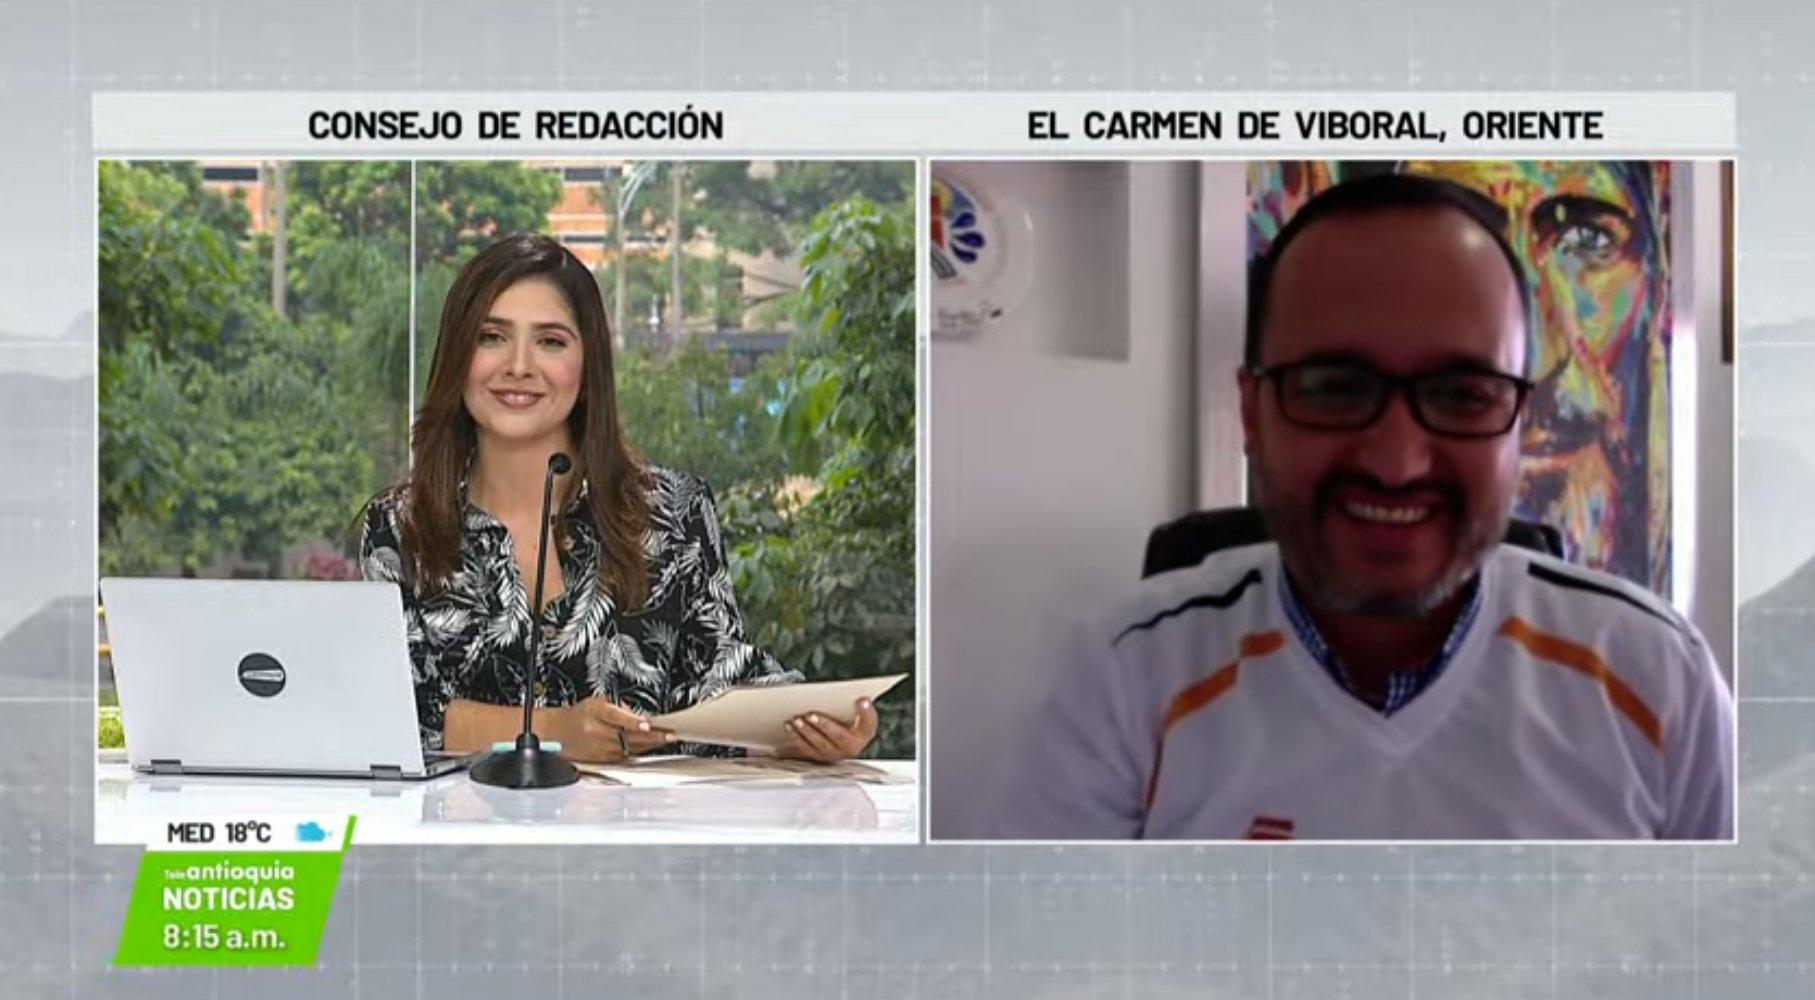 Entrevista con John Fredy Quintero Zuluaga, alcalde de El Carmen de Viboral